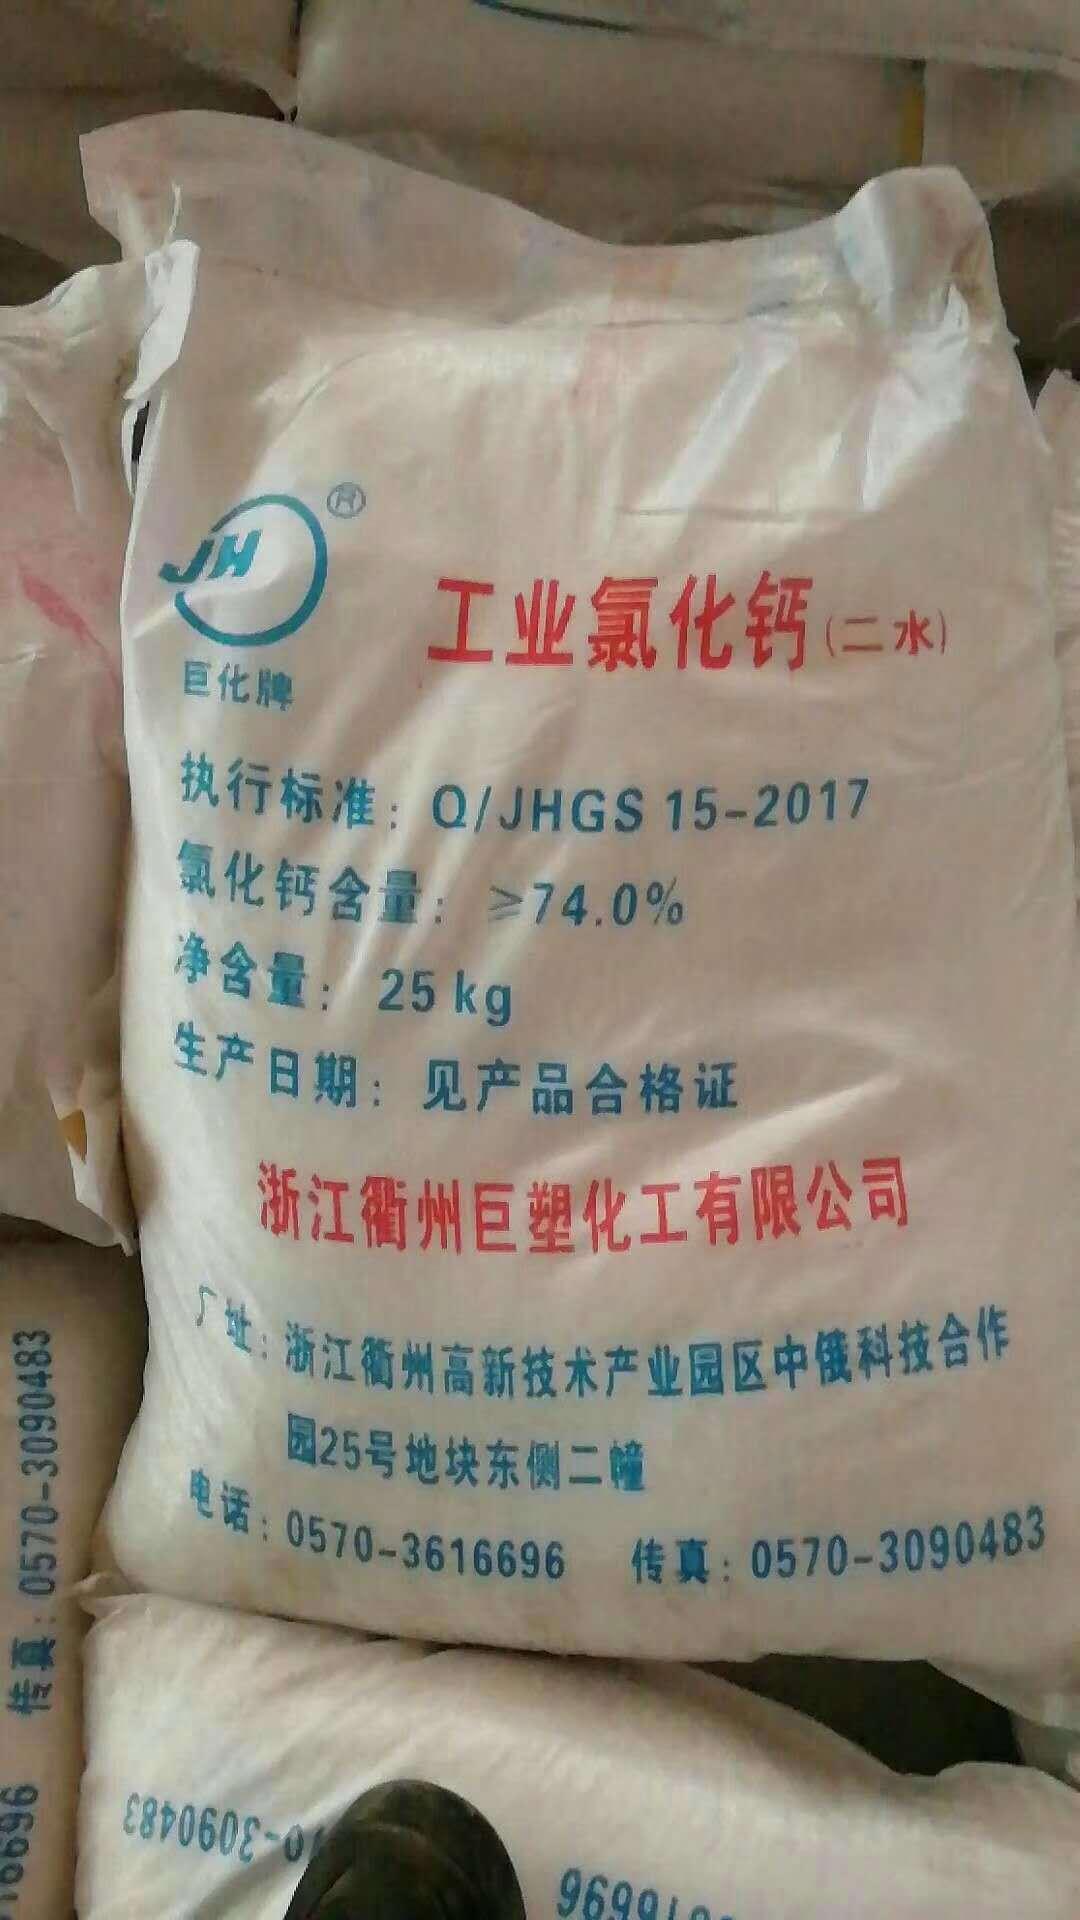 浙江发货巨化牌二水氯化钙74%工业级二水氯化钙片状水处理除磷剂示例图20